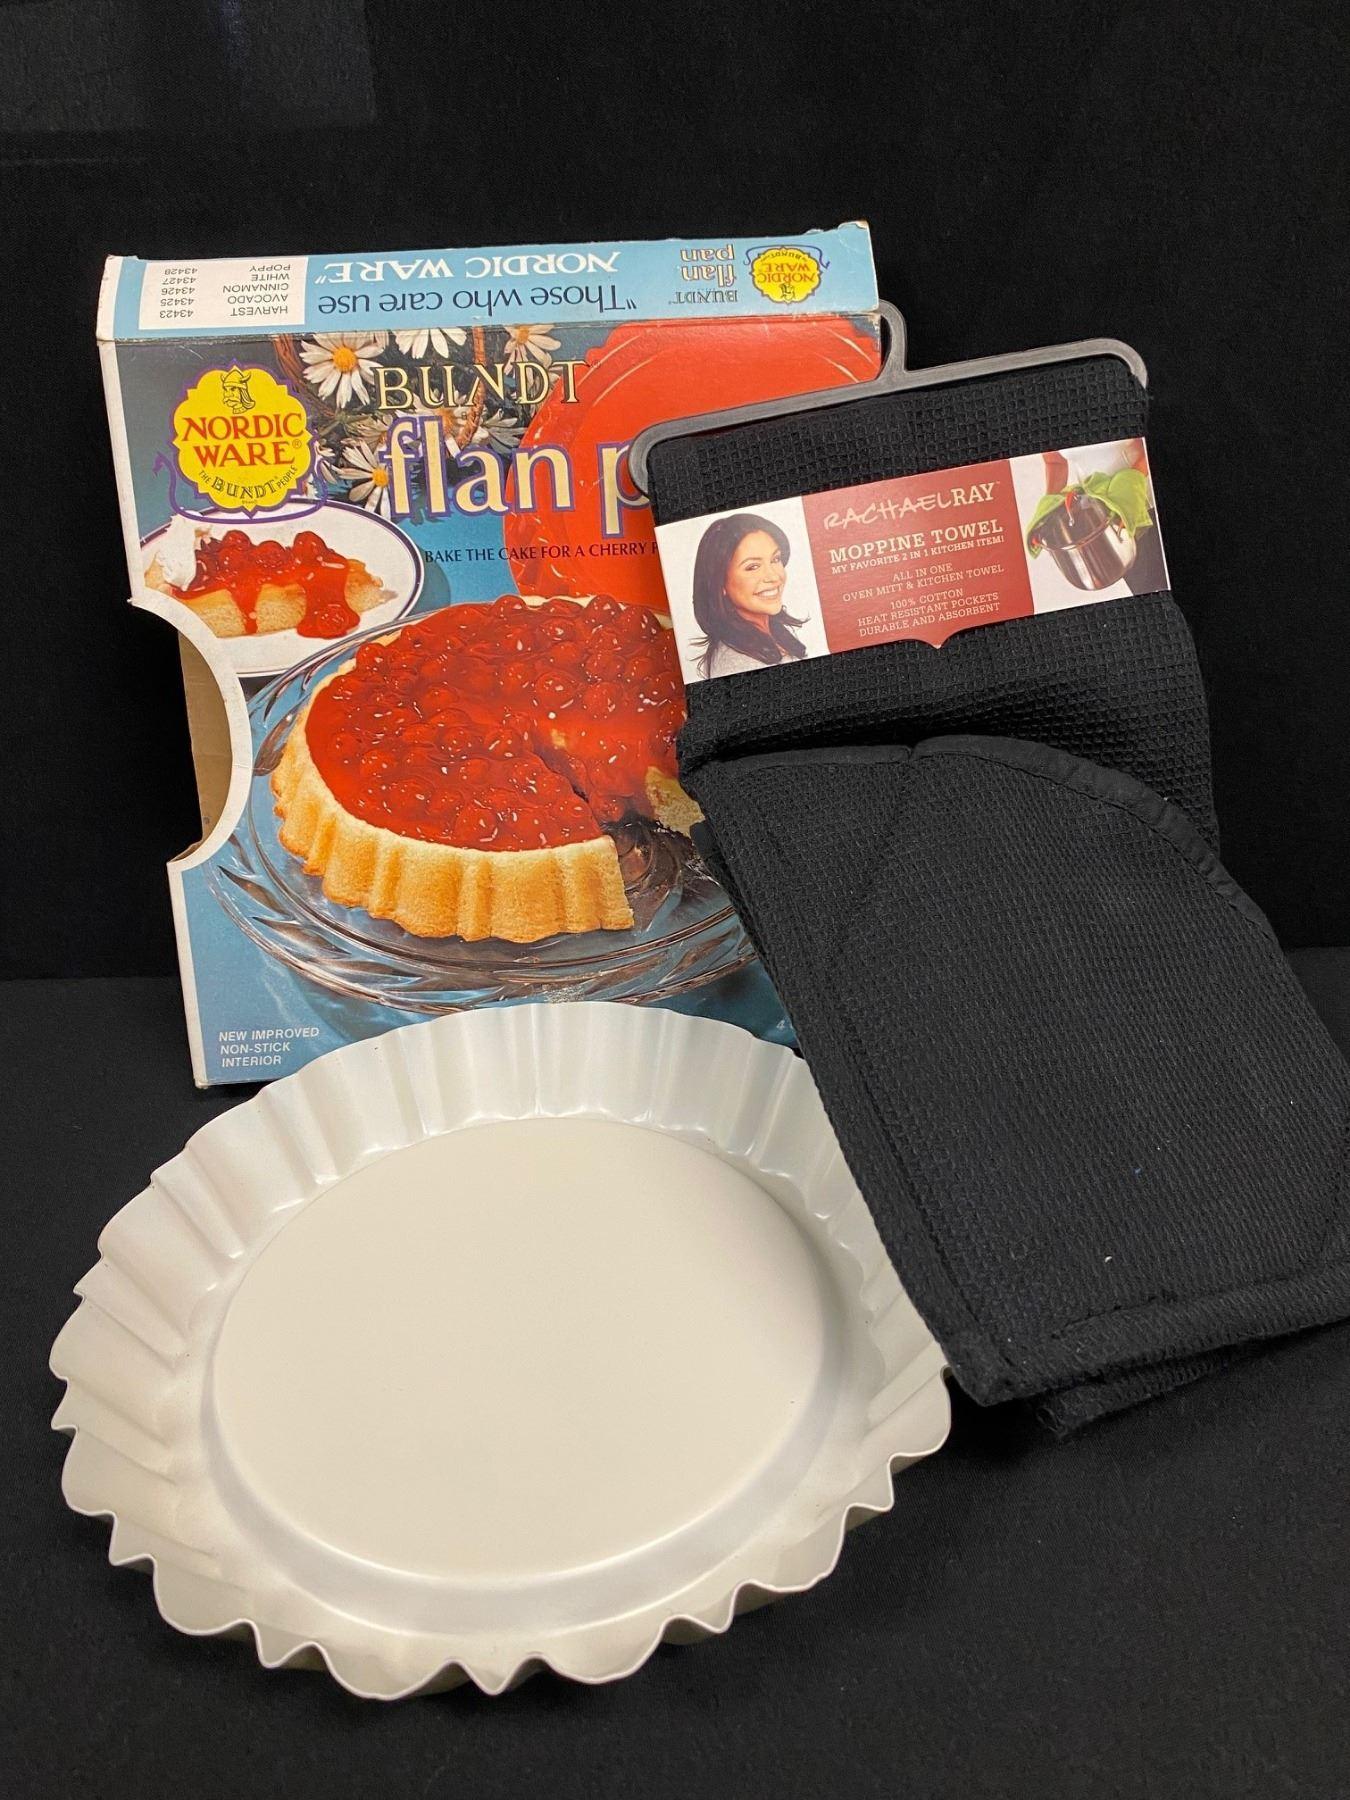 Flan Pan & Mopping Towel